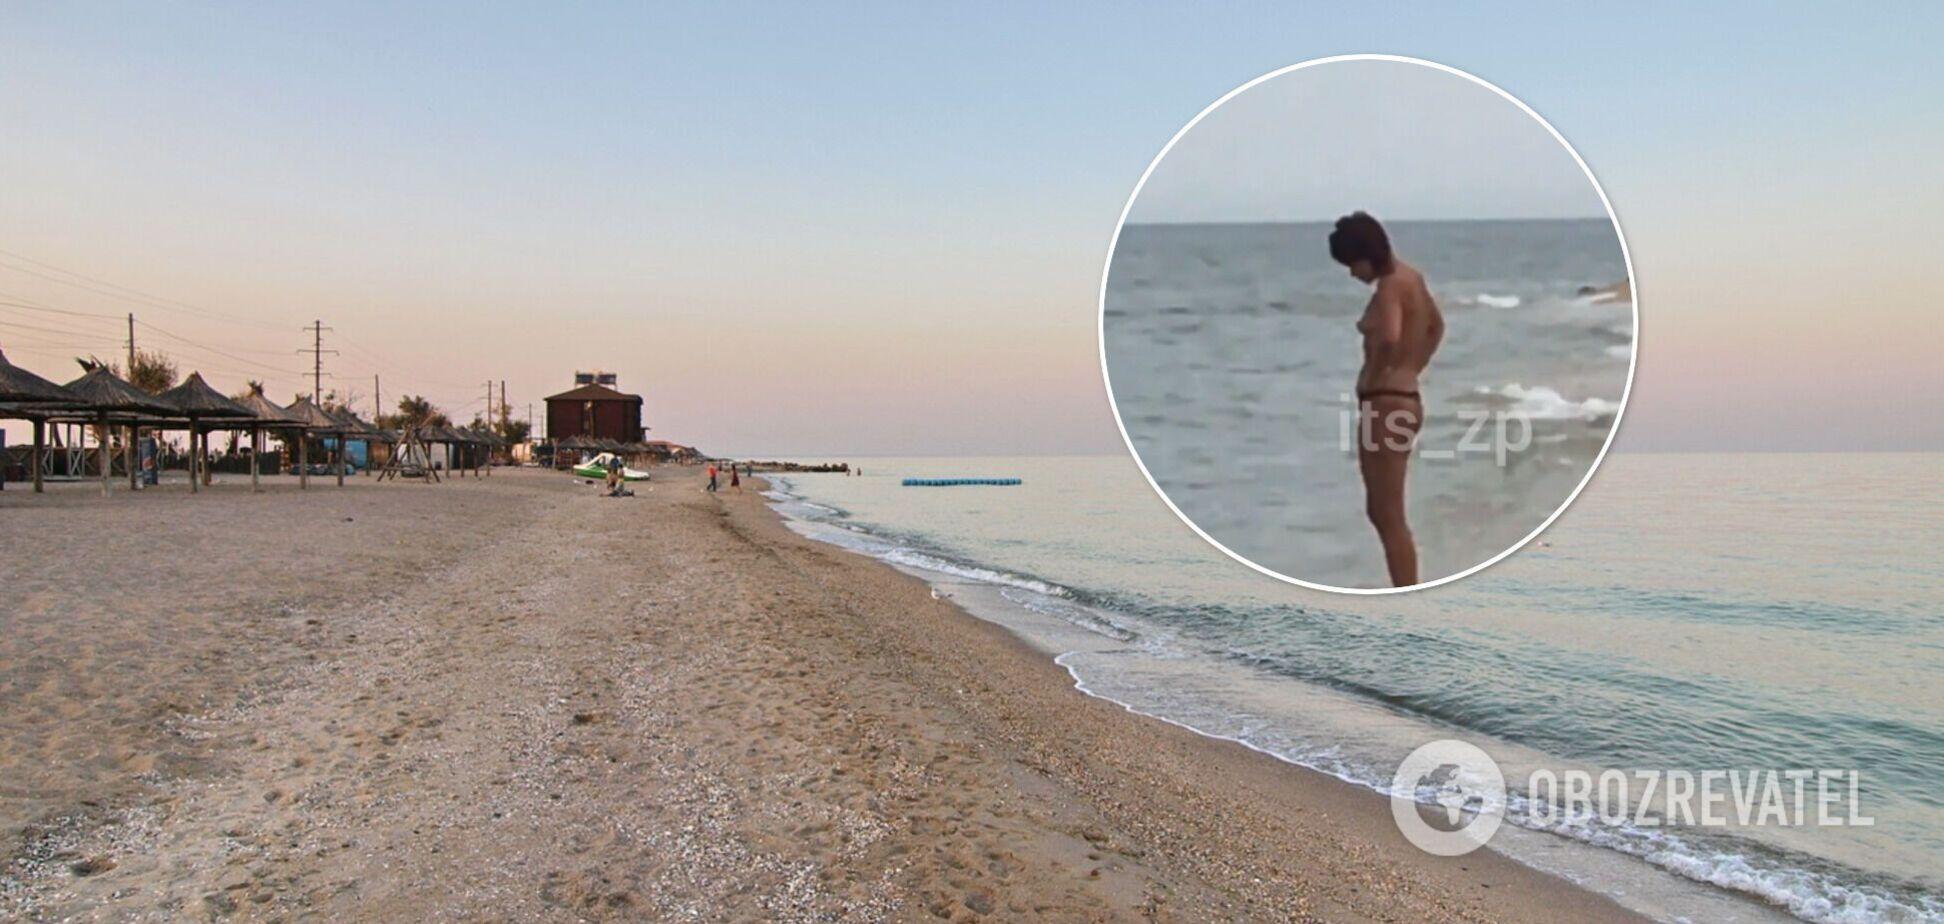 Вихід нудистки на громадський пляж Бердянська неприємно здивував відпочивальників. Відео